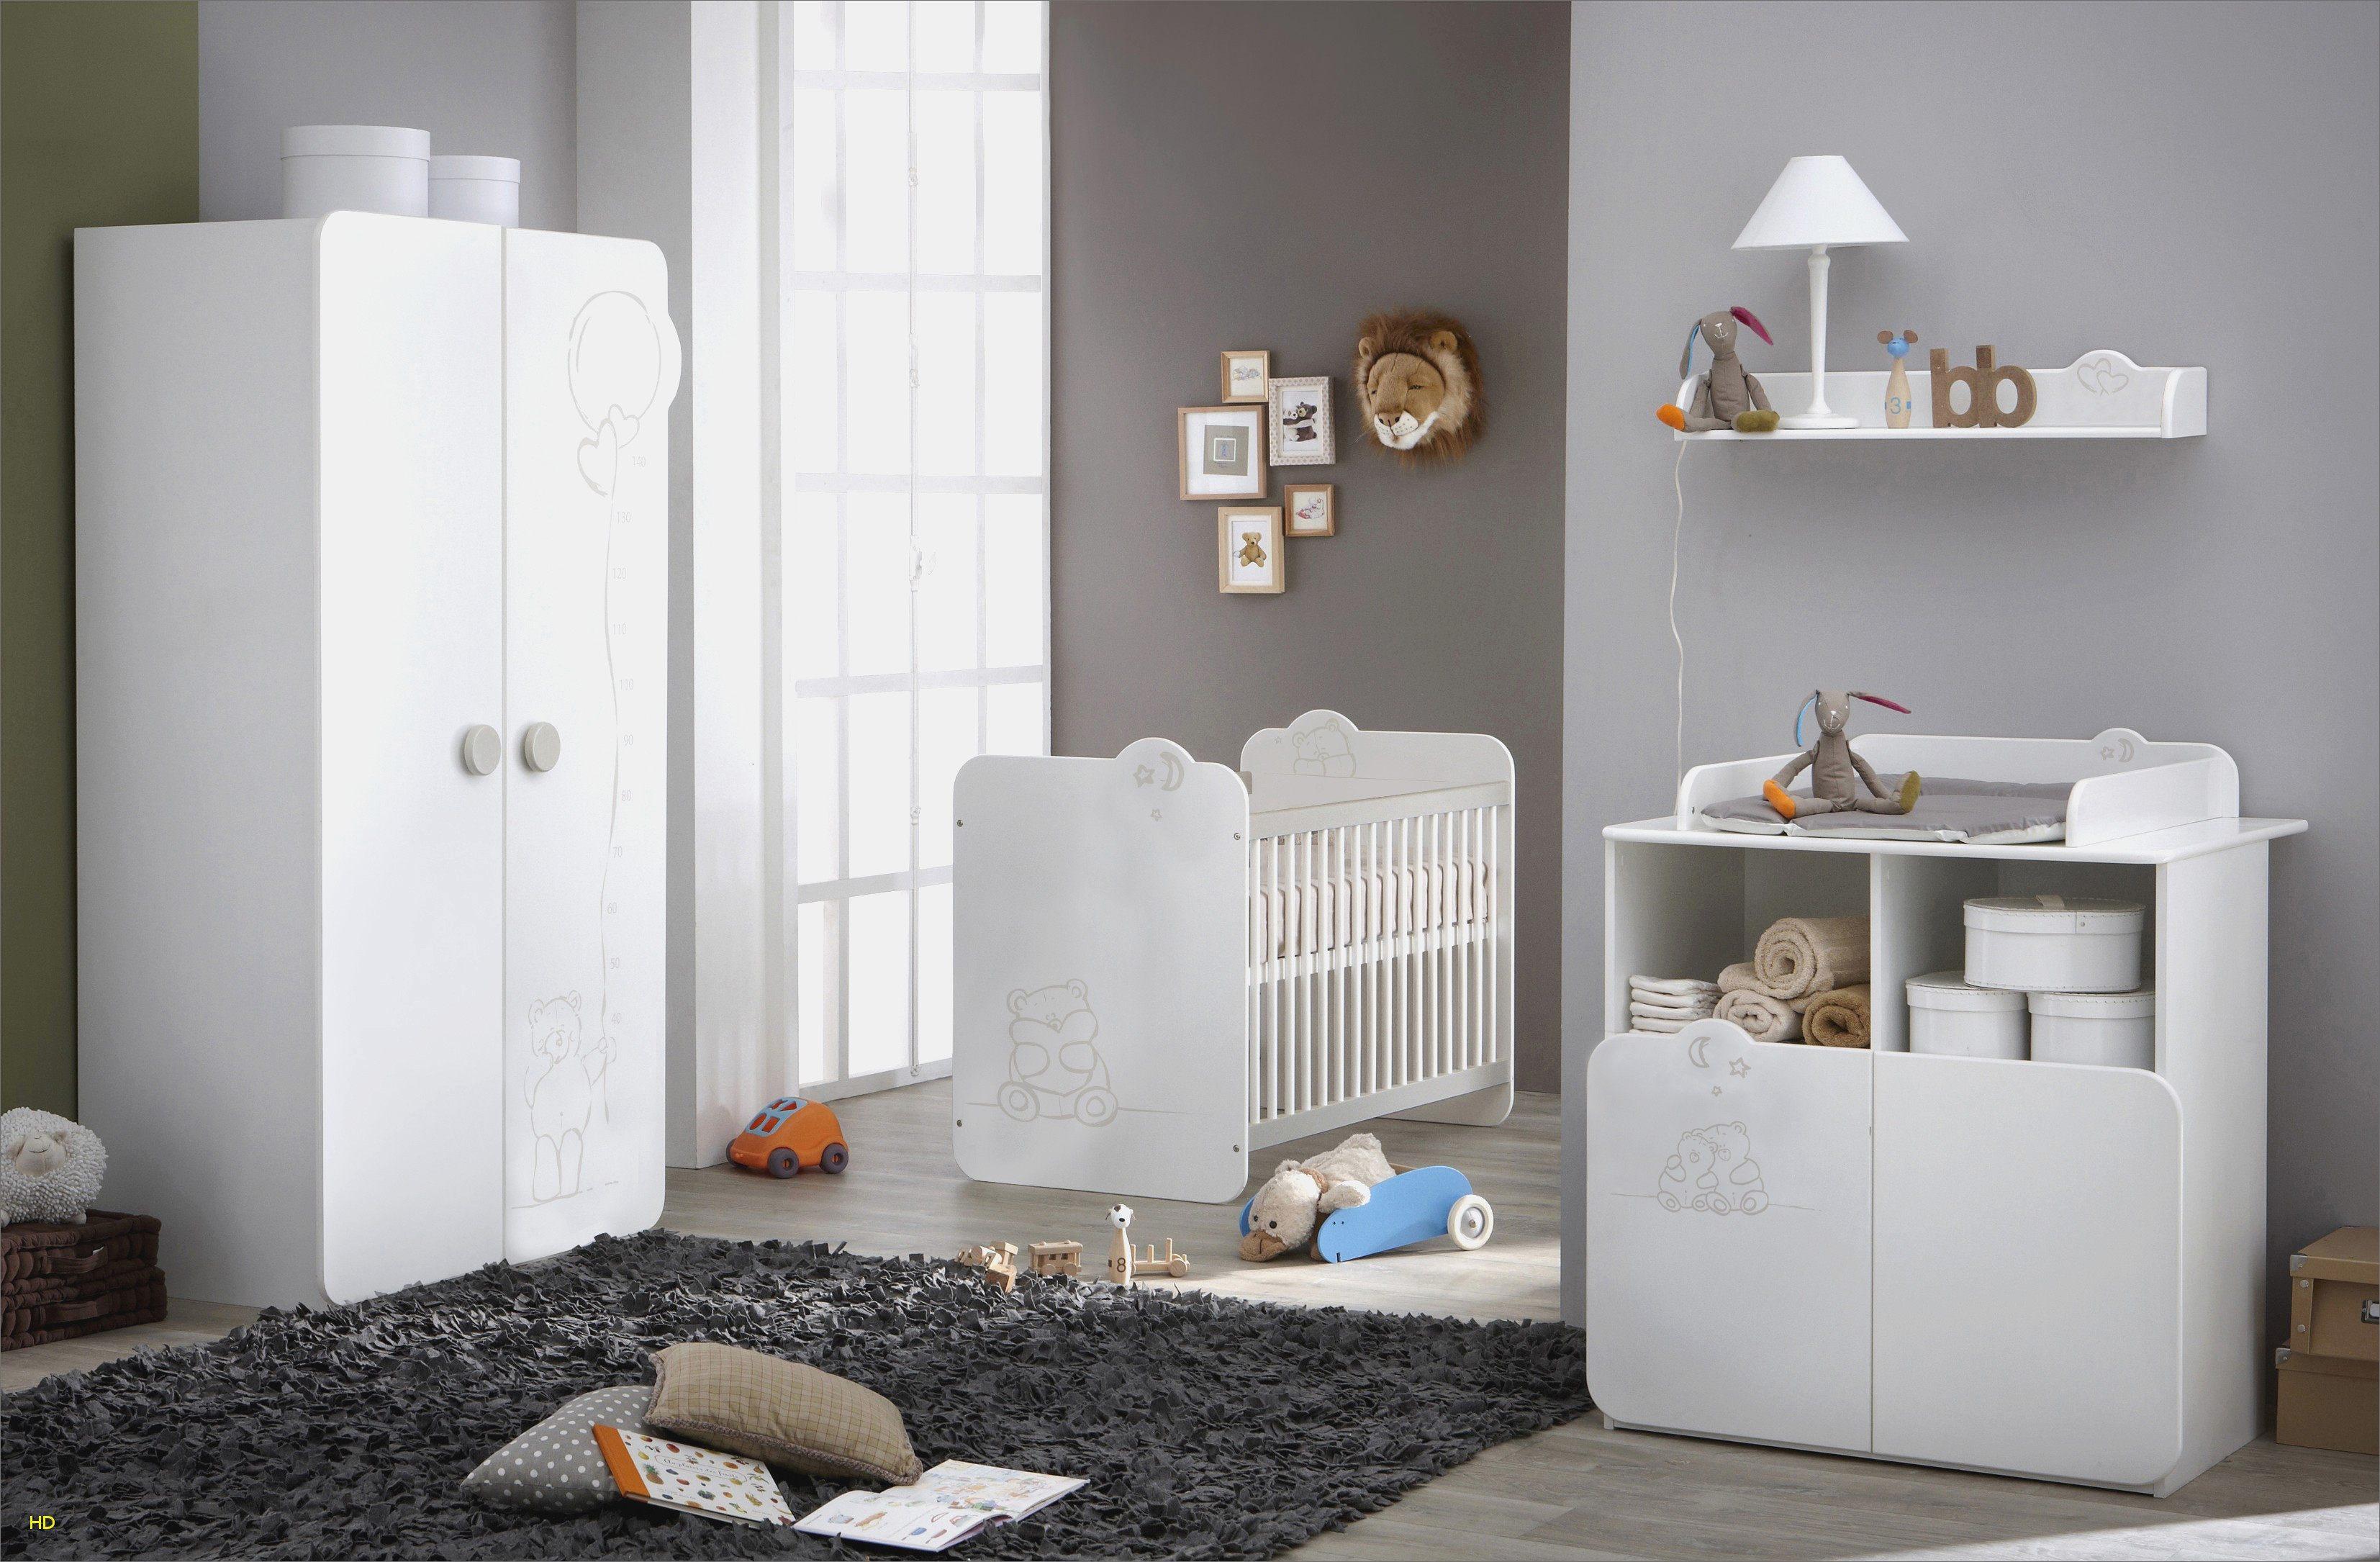 Lit Enfant Pirate Beau Rusé Acheter Chambre Enfant Avec Chambre Bébé Bois Massif Lit Bébé